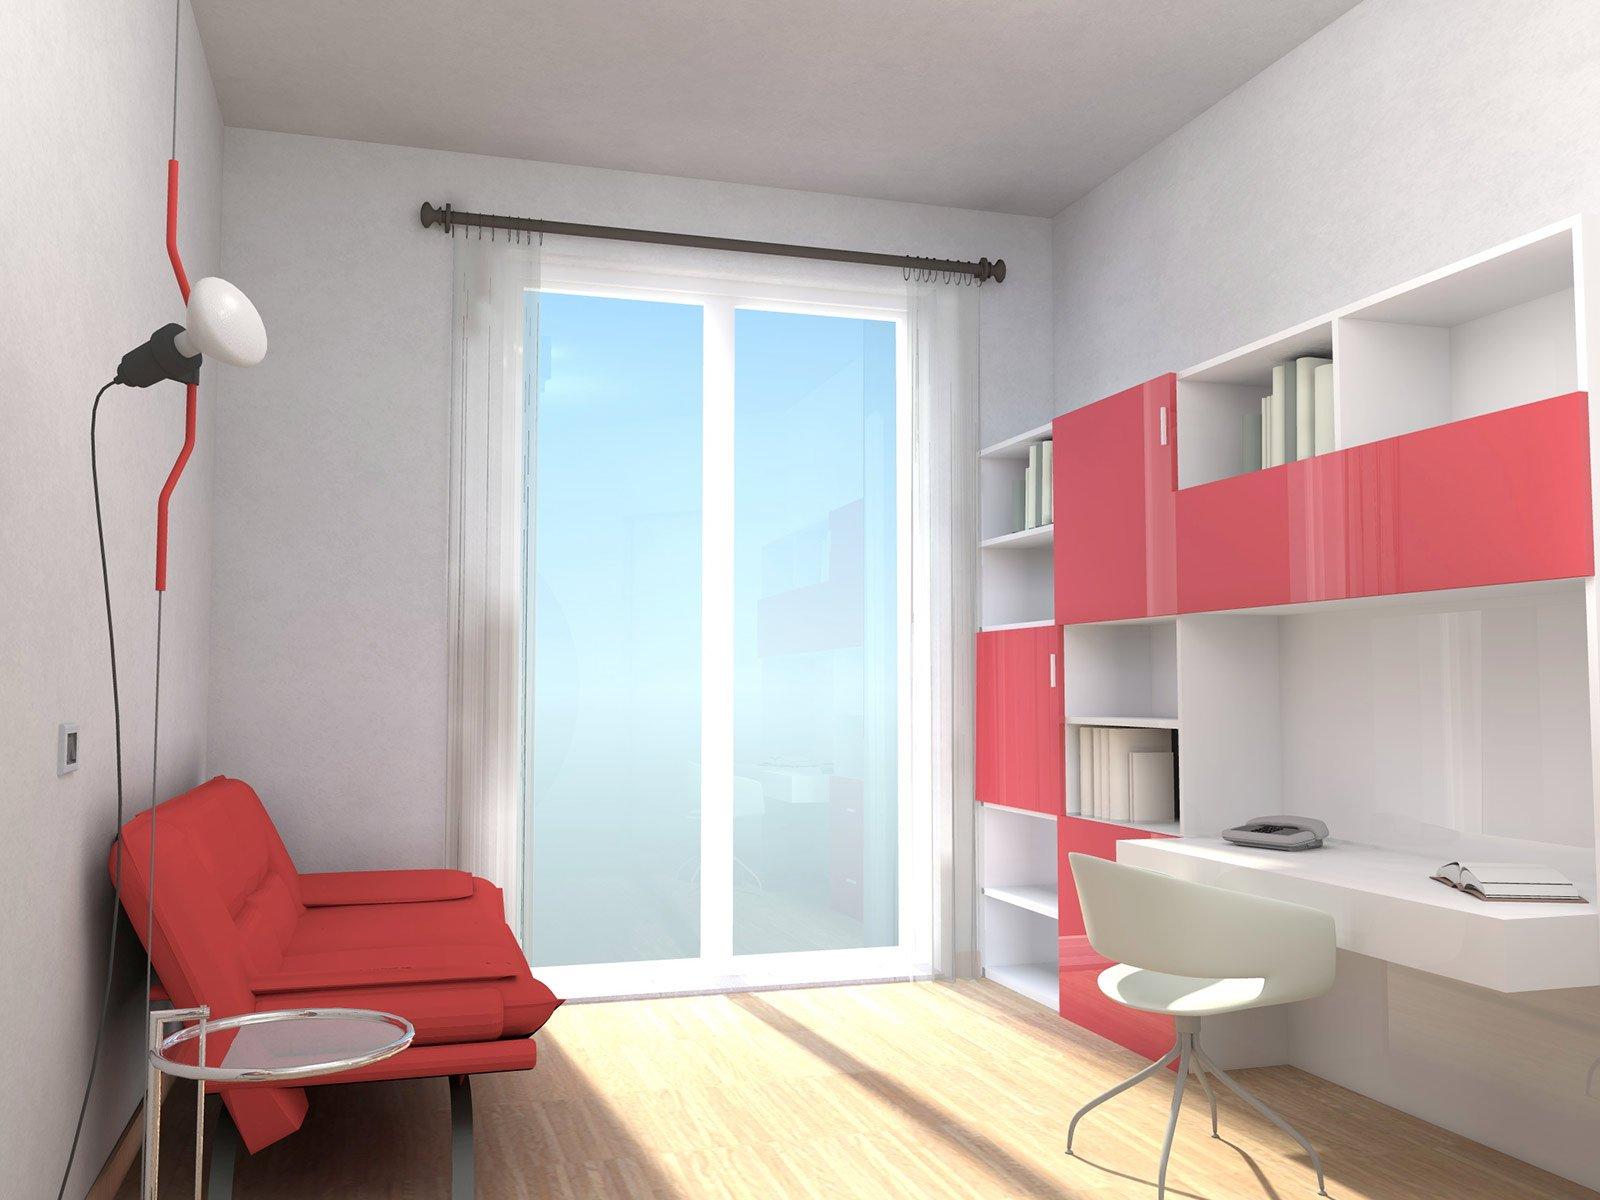 Estremamente arredare camera da letto 9 mq aj31 pineglen for Arredare casa moderna 80 mq